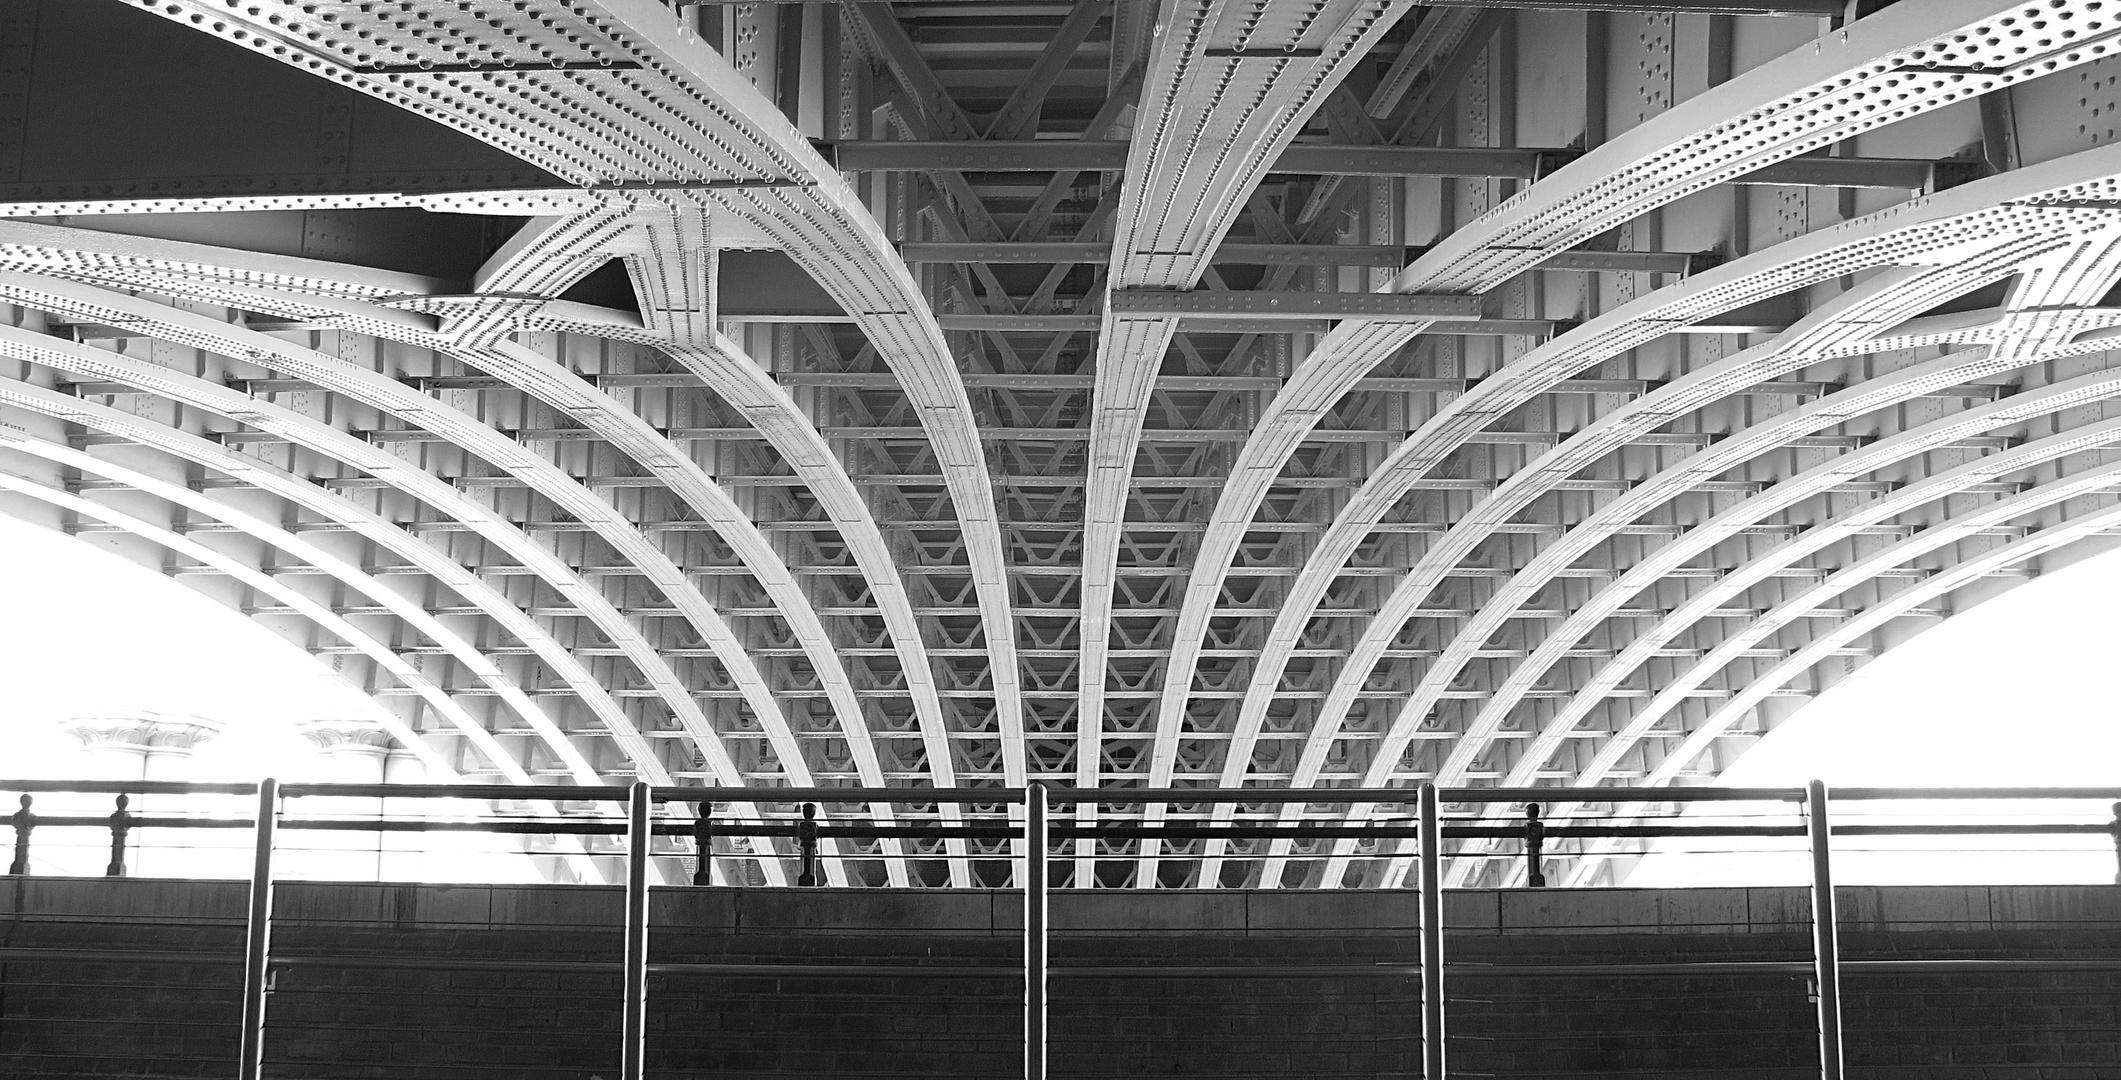 Blackfriars Bridge von unten 2